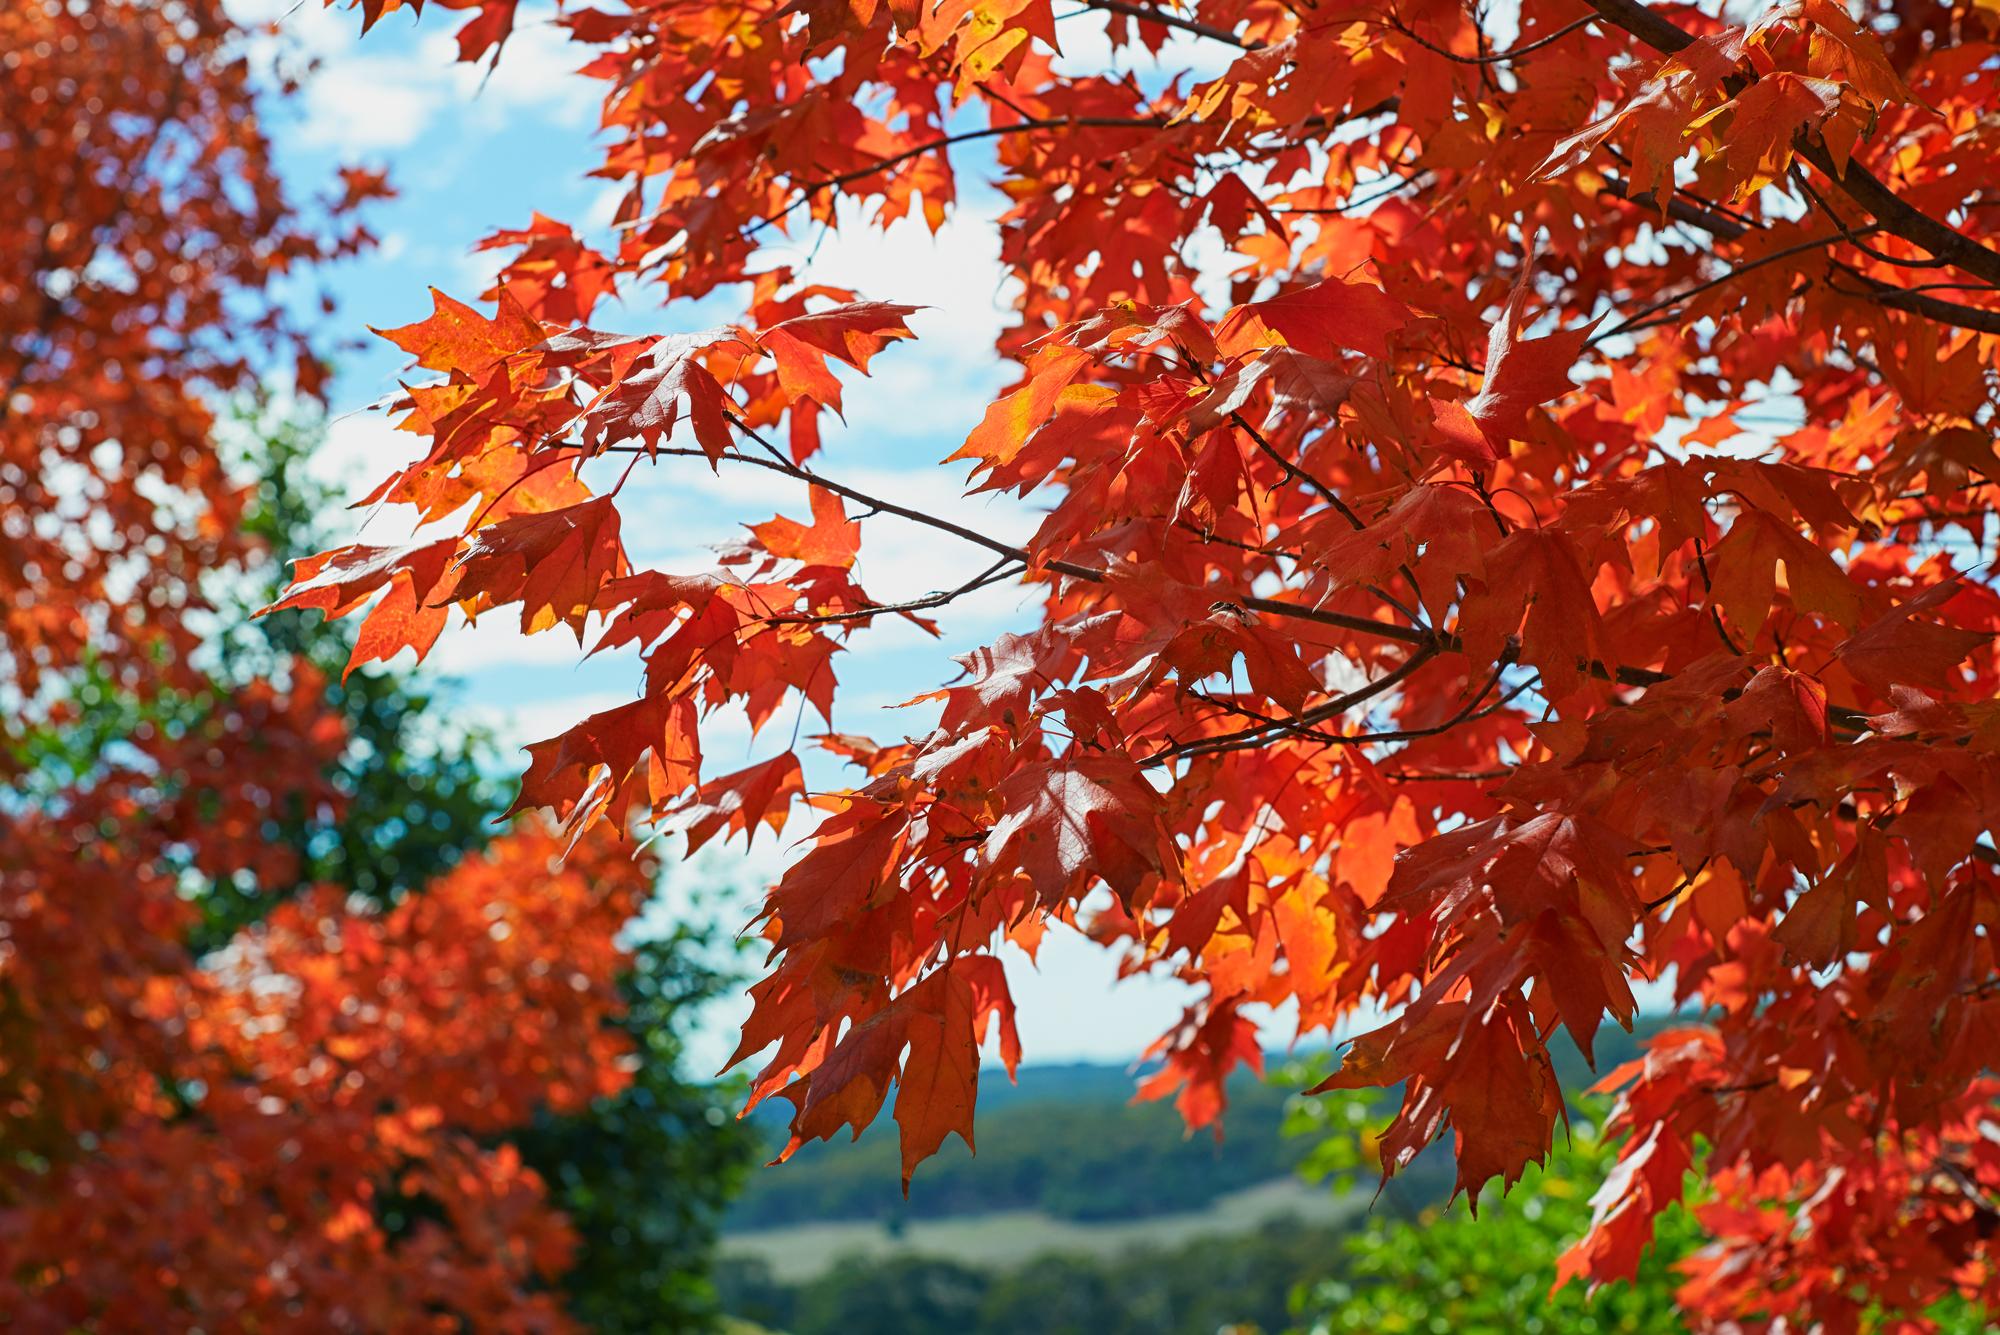 red-maple-leaves.jpg